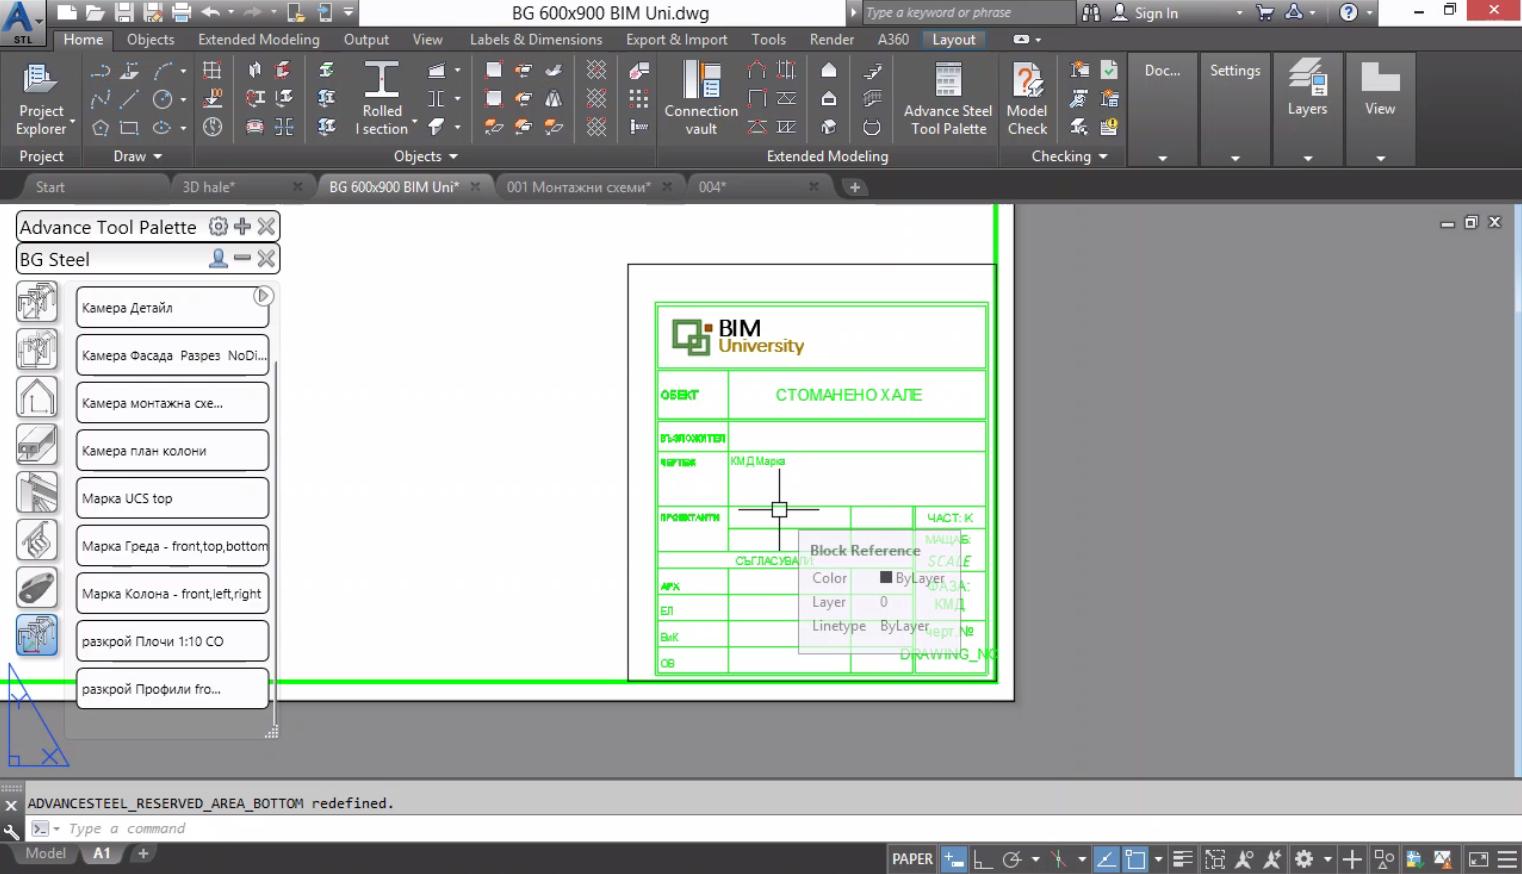 Създаване на рамки за чертежи (Prototypes)